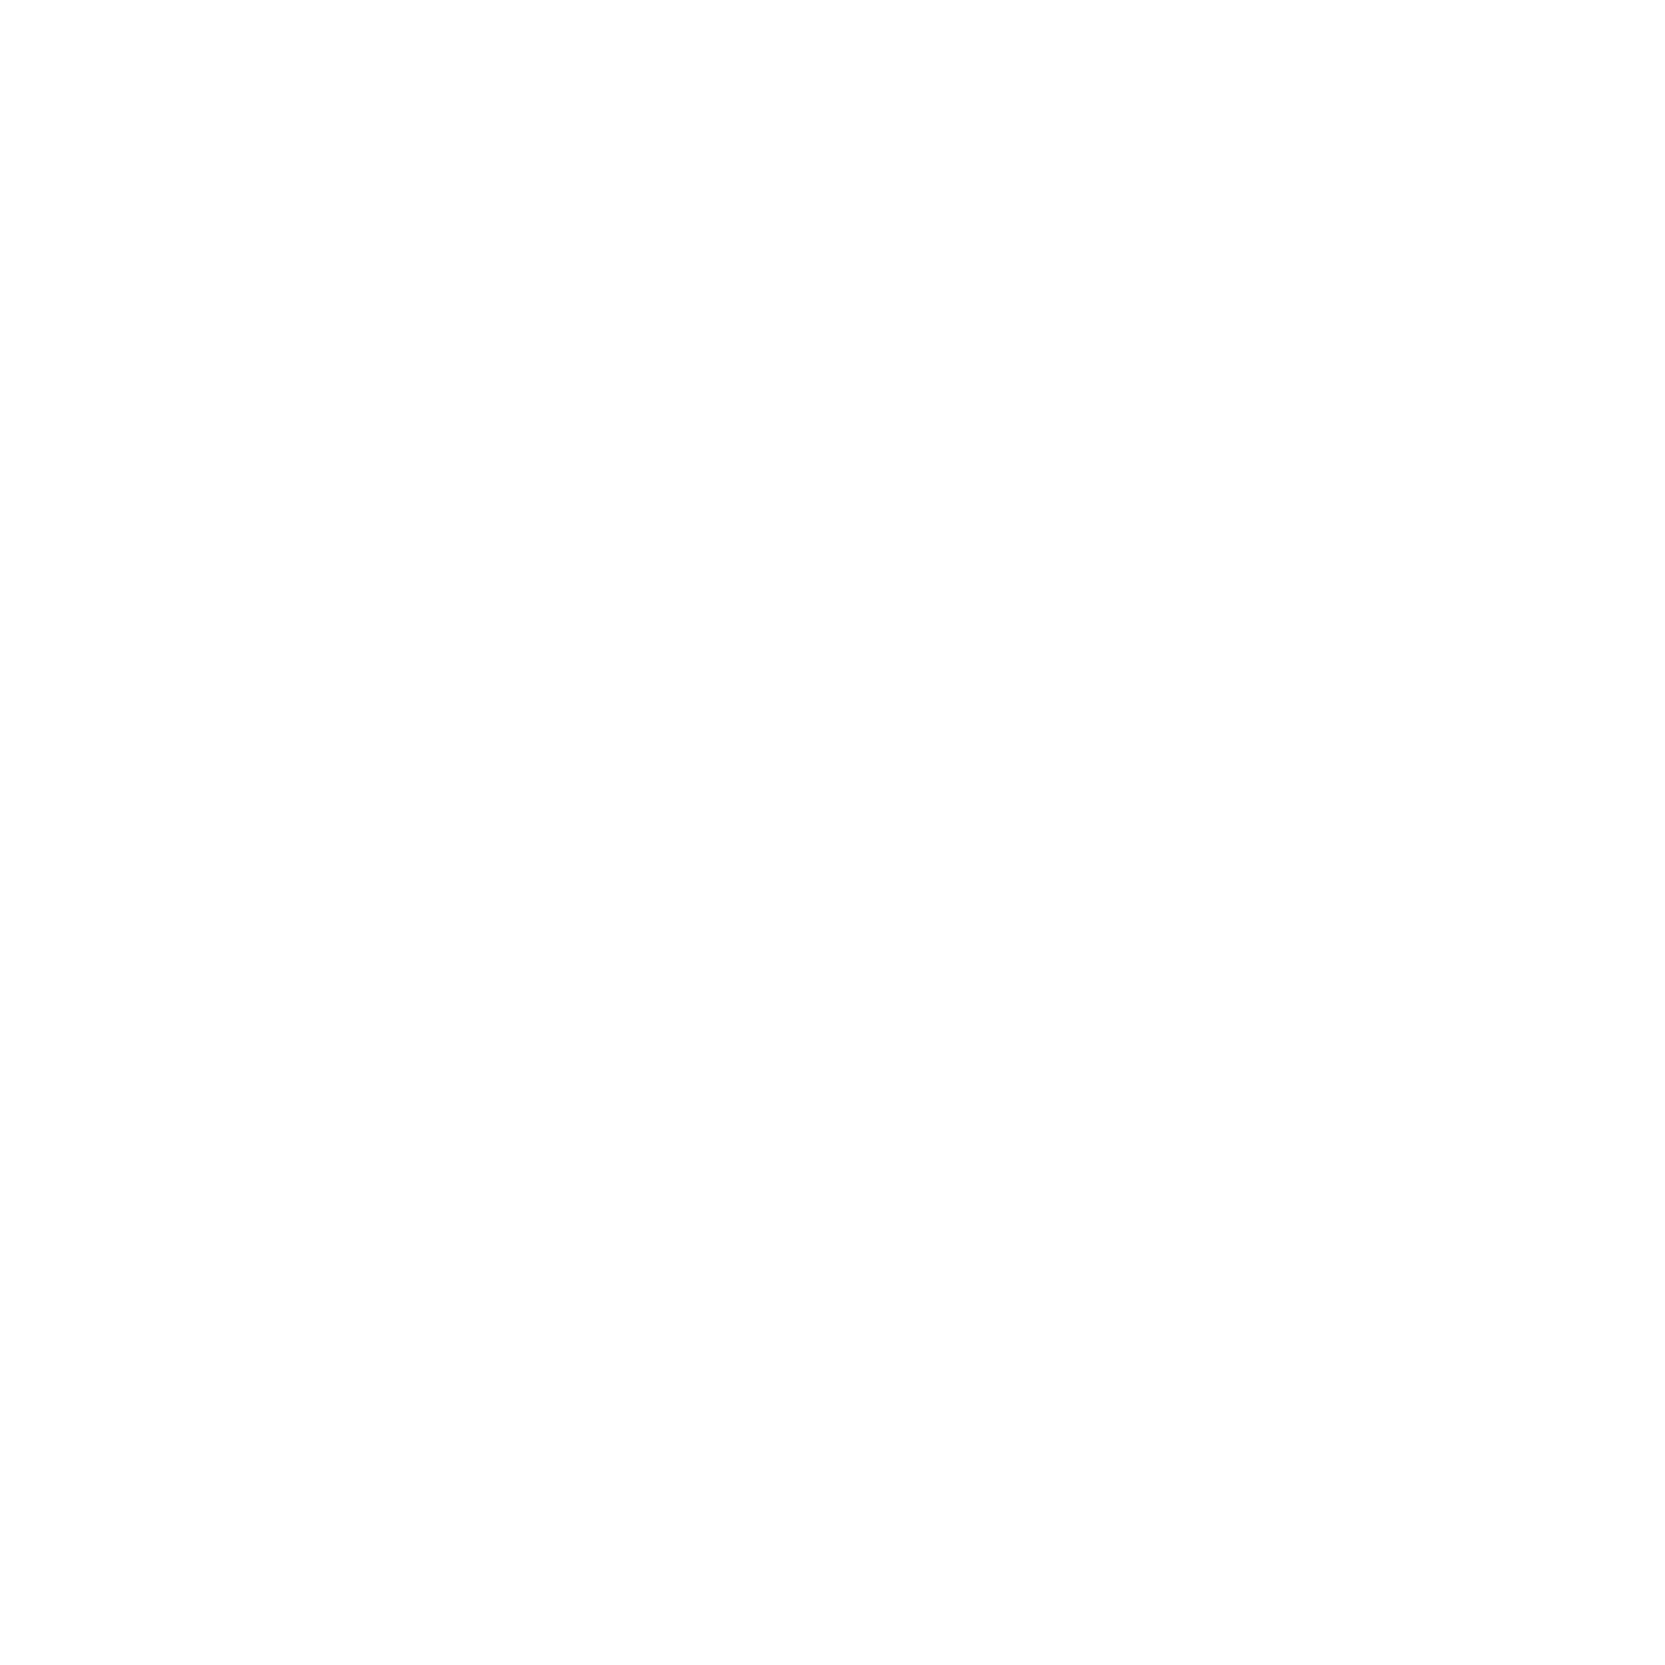 Gymboree Outlet